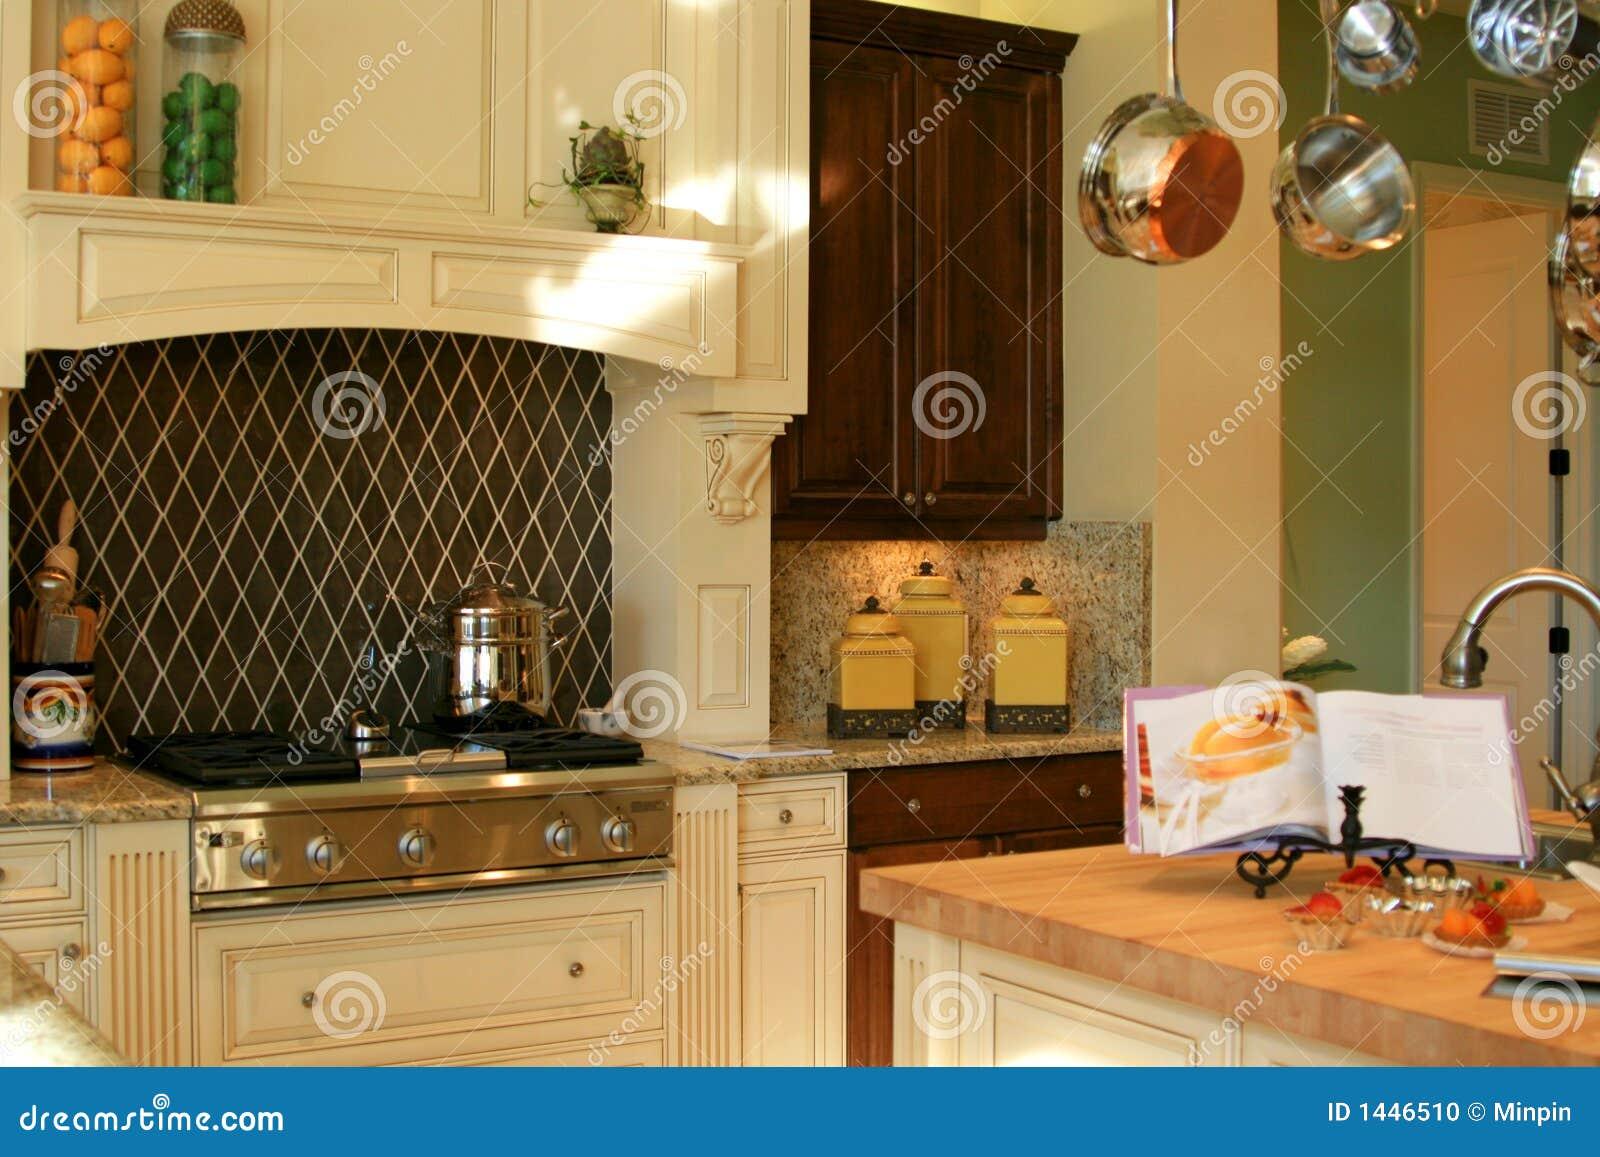 Único Cocina Del País Willard Ohio Motivo - Como Decorar la Cocina ...